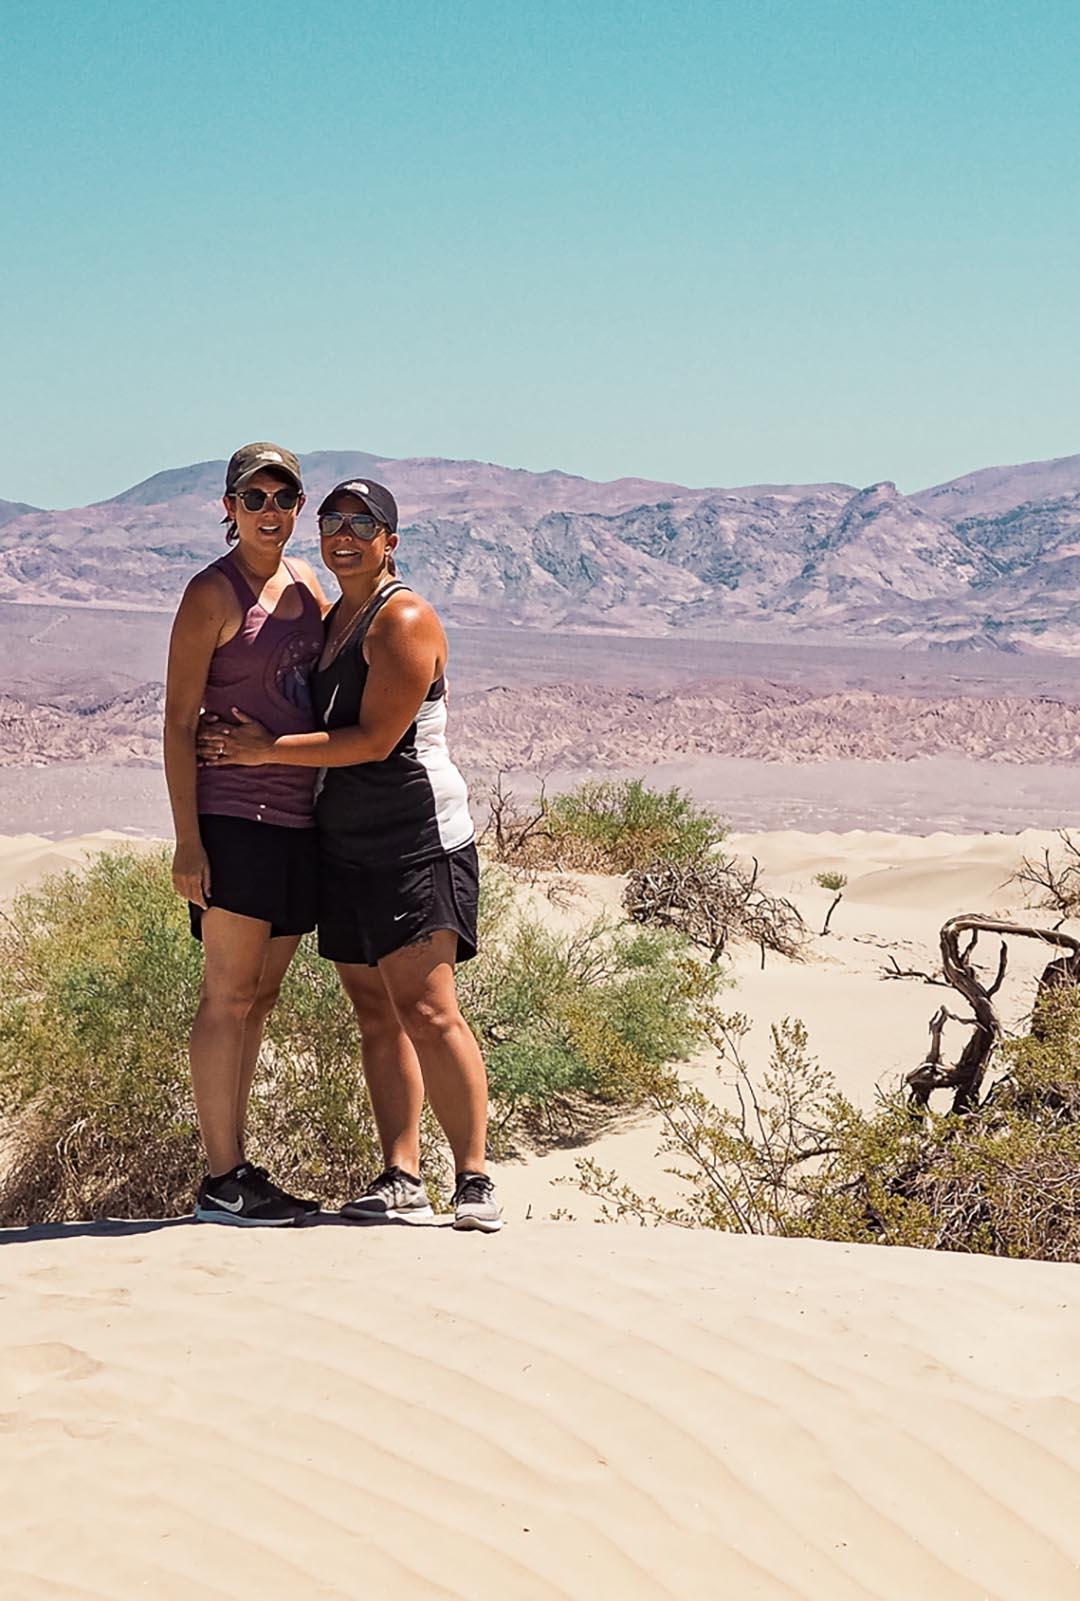 O melhor itinerário de duas semanas em viagem no Parque Nacional da Califórnia por duas semanas • The Blonde Abroad 3